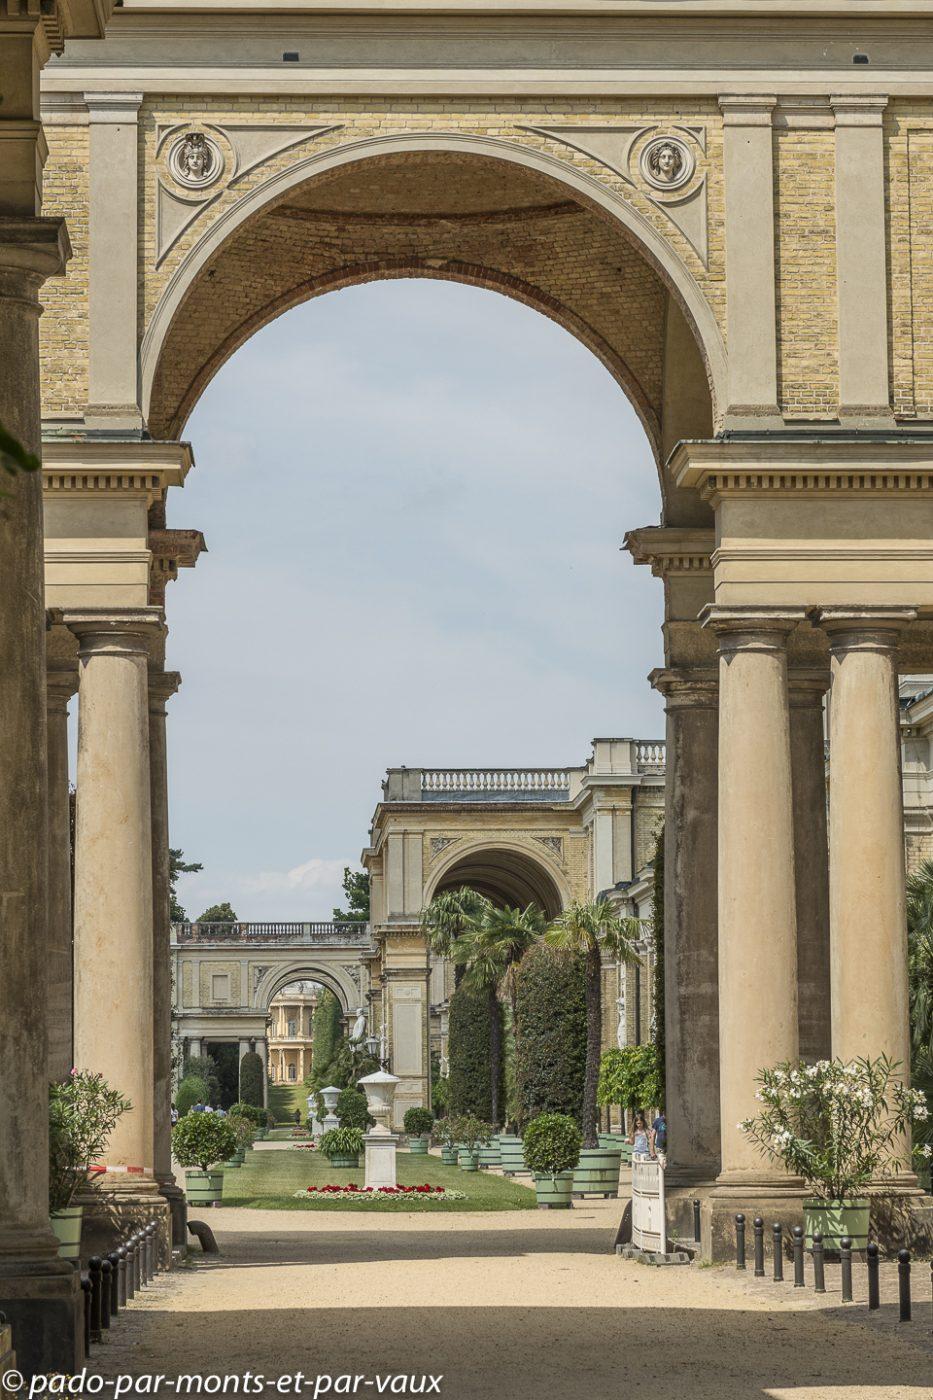 Postdam - Parc de Sanssouci - Orangerie